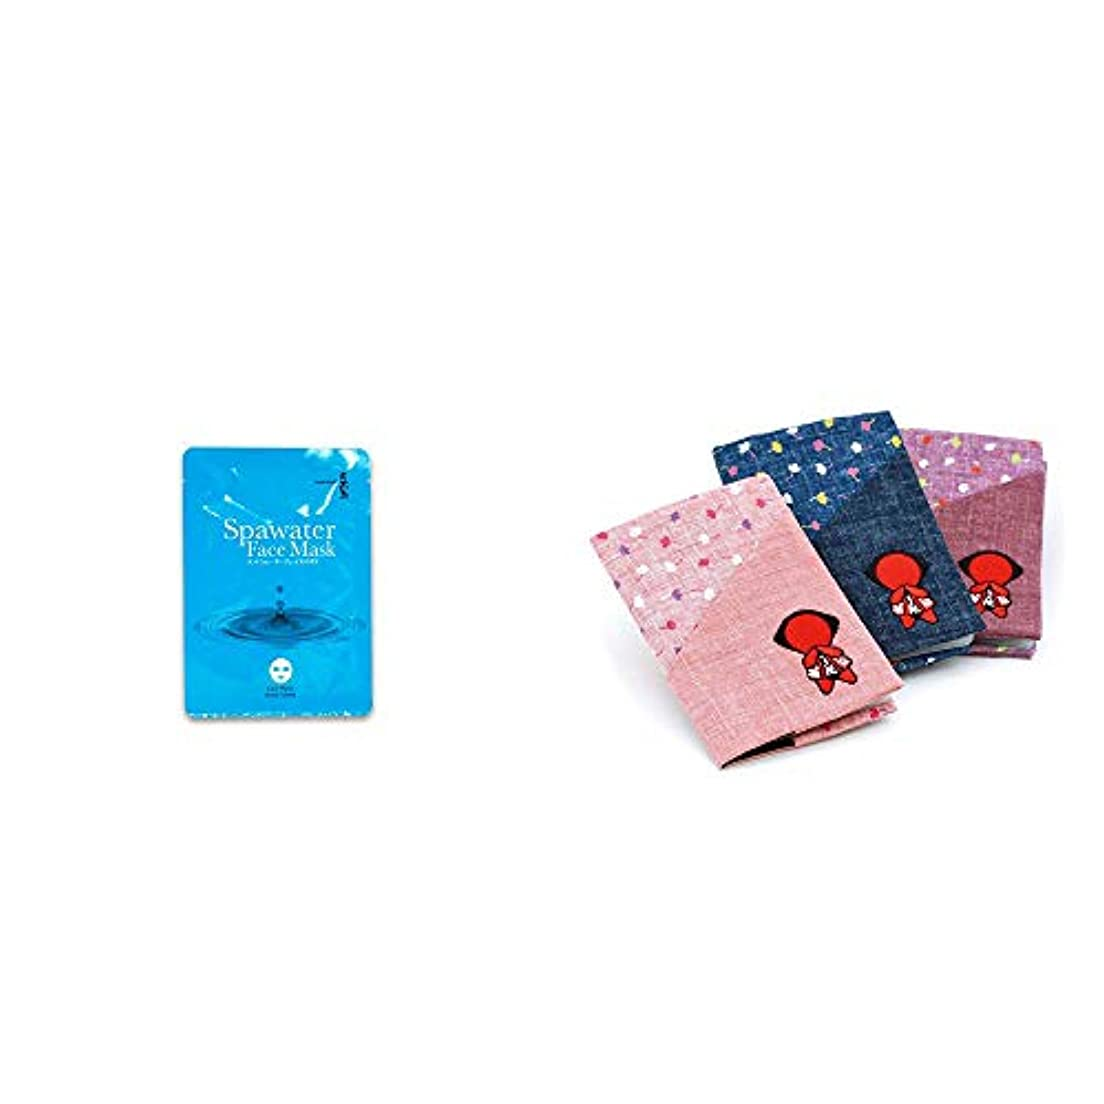 リーフレット最少素晴らしさ[2点セット] ひのき炭黒泉 スパウォーターフェイスマスク(18ml×3枚入)・おねがいさるぼぼ カードケース【紺】